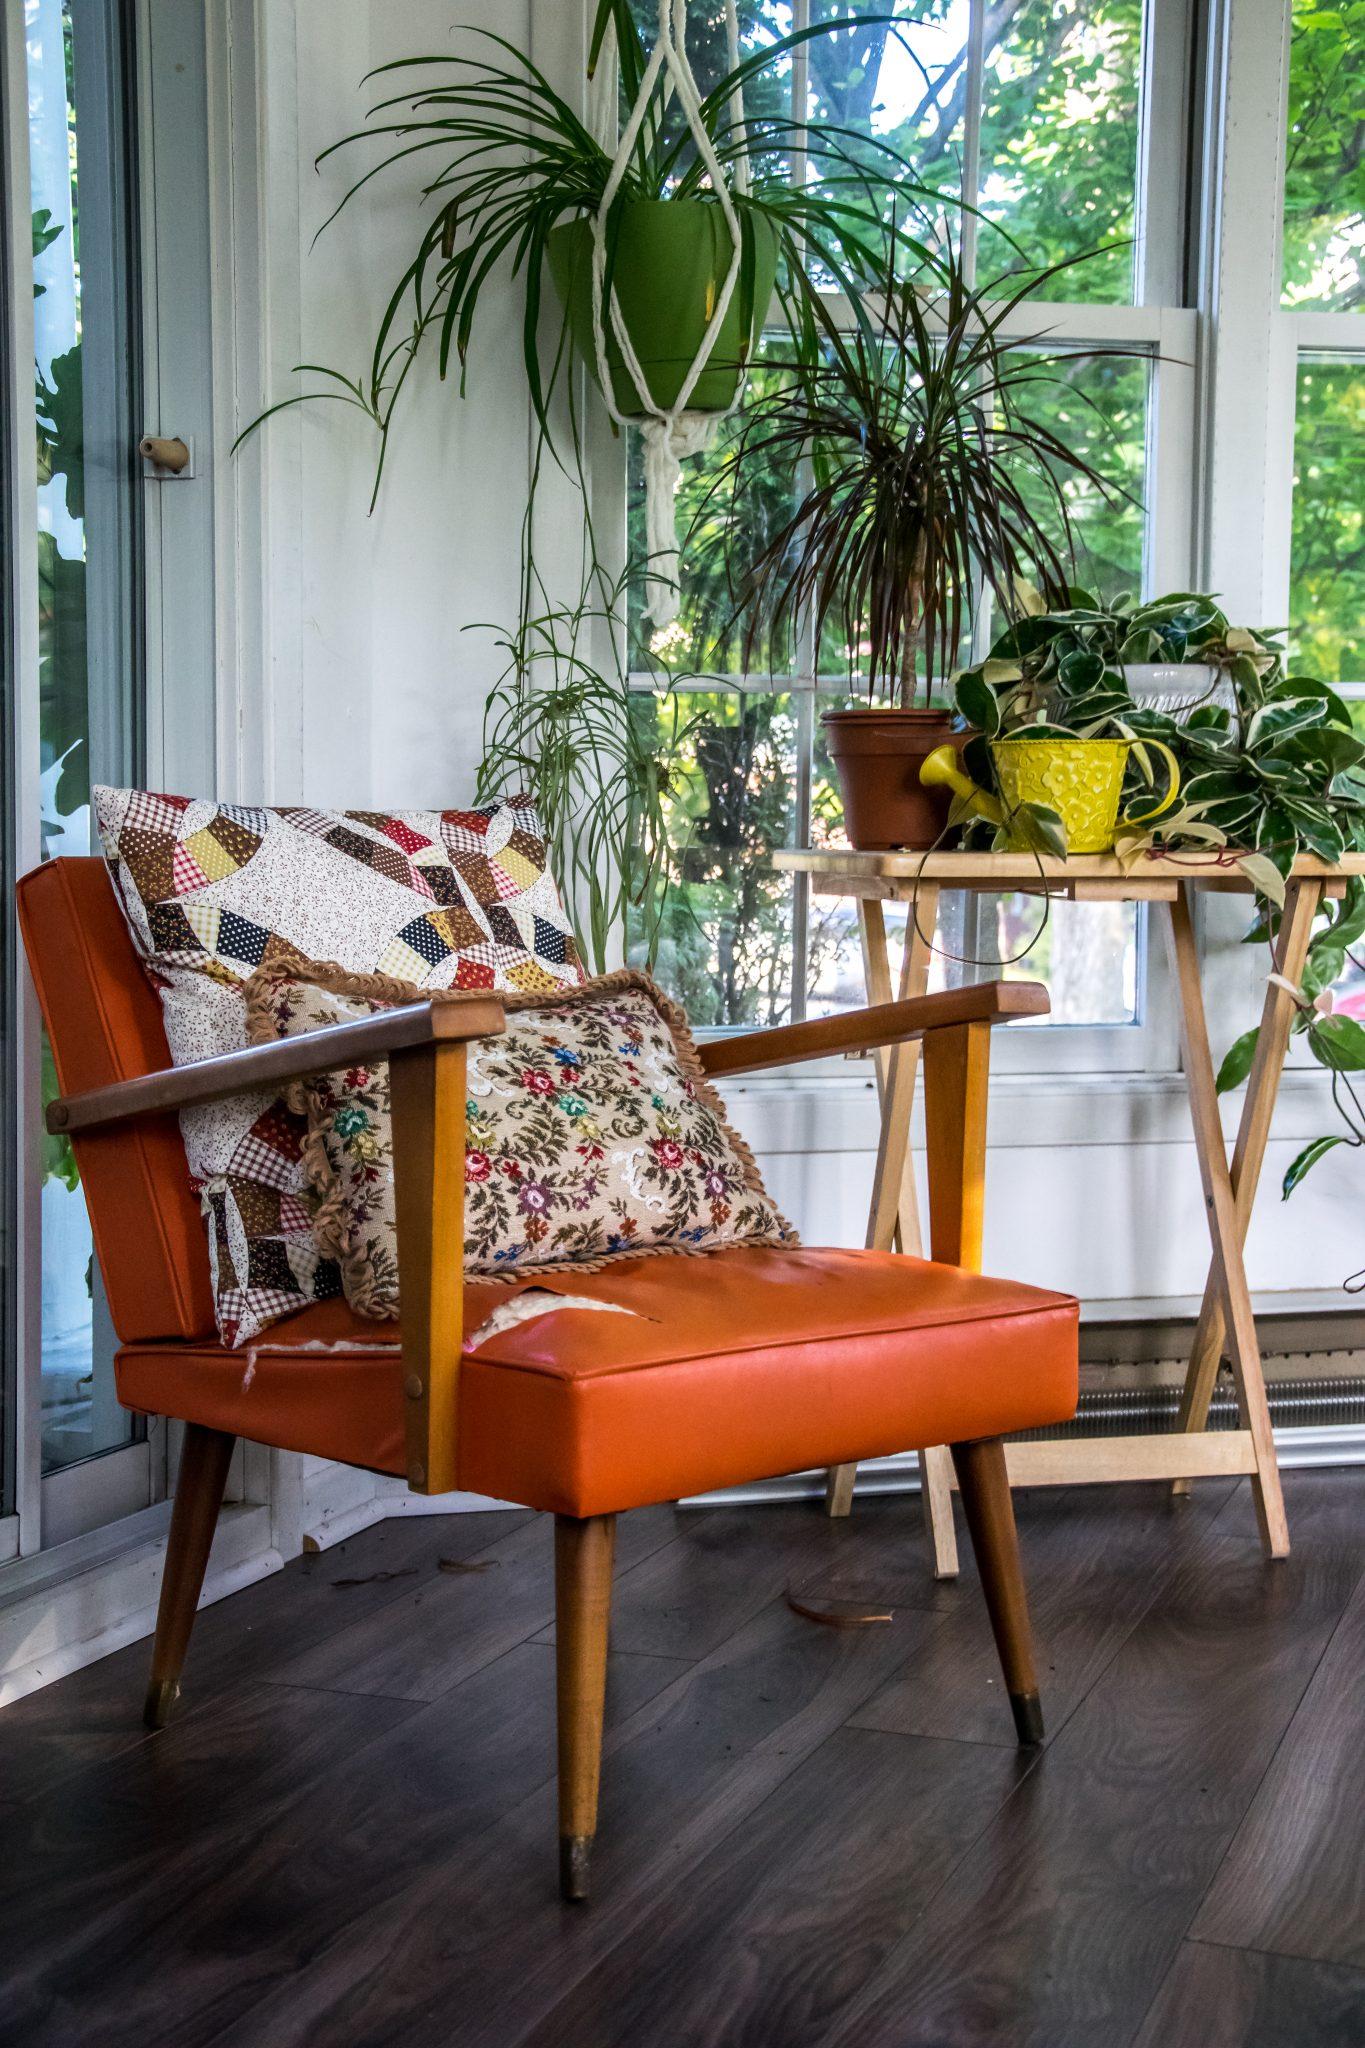 fauteuil orange